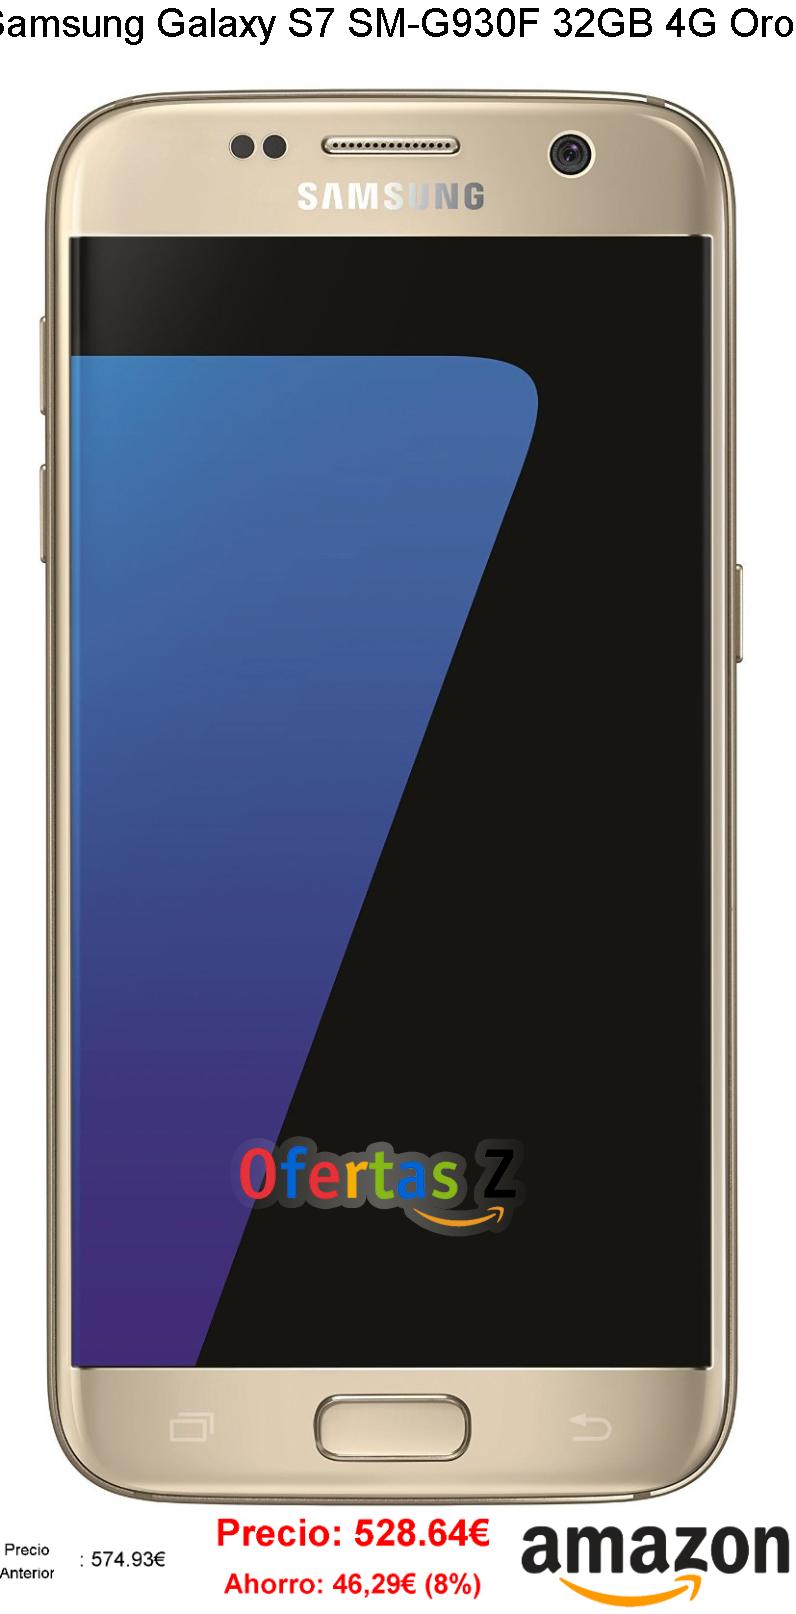 Samsung Galaxy S7 SM-G930F 32GB 4G Oro Amazon.es Electrónica